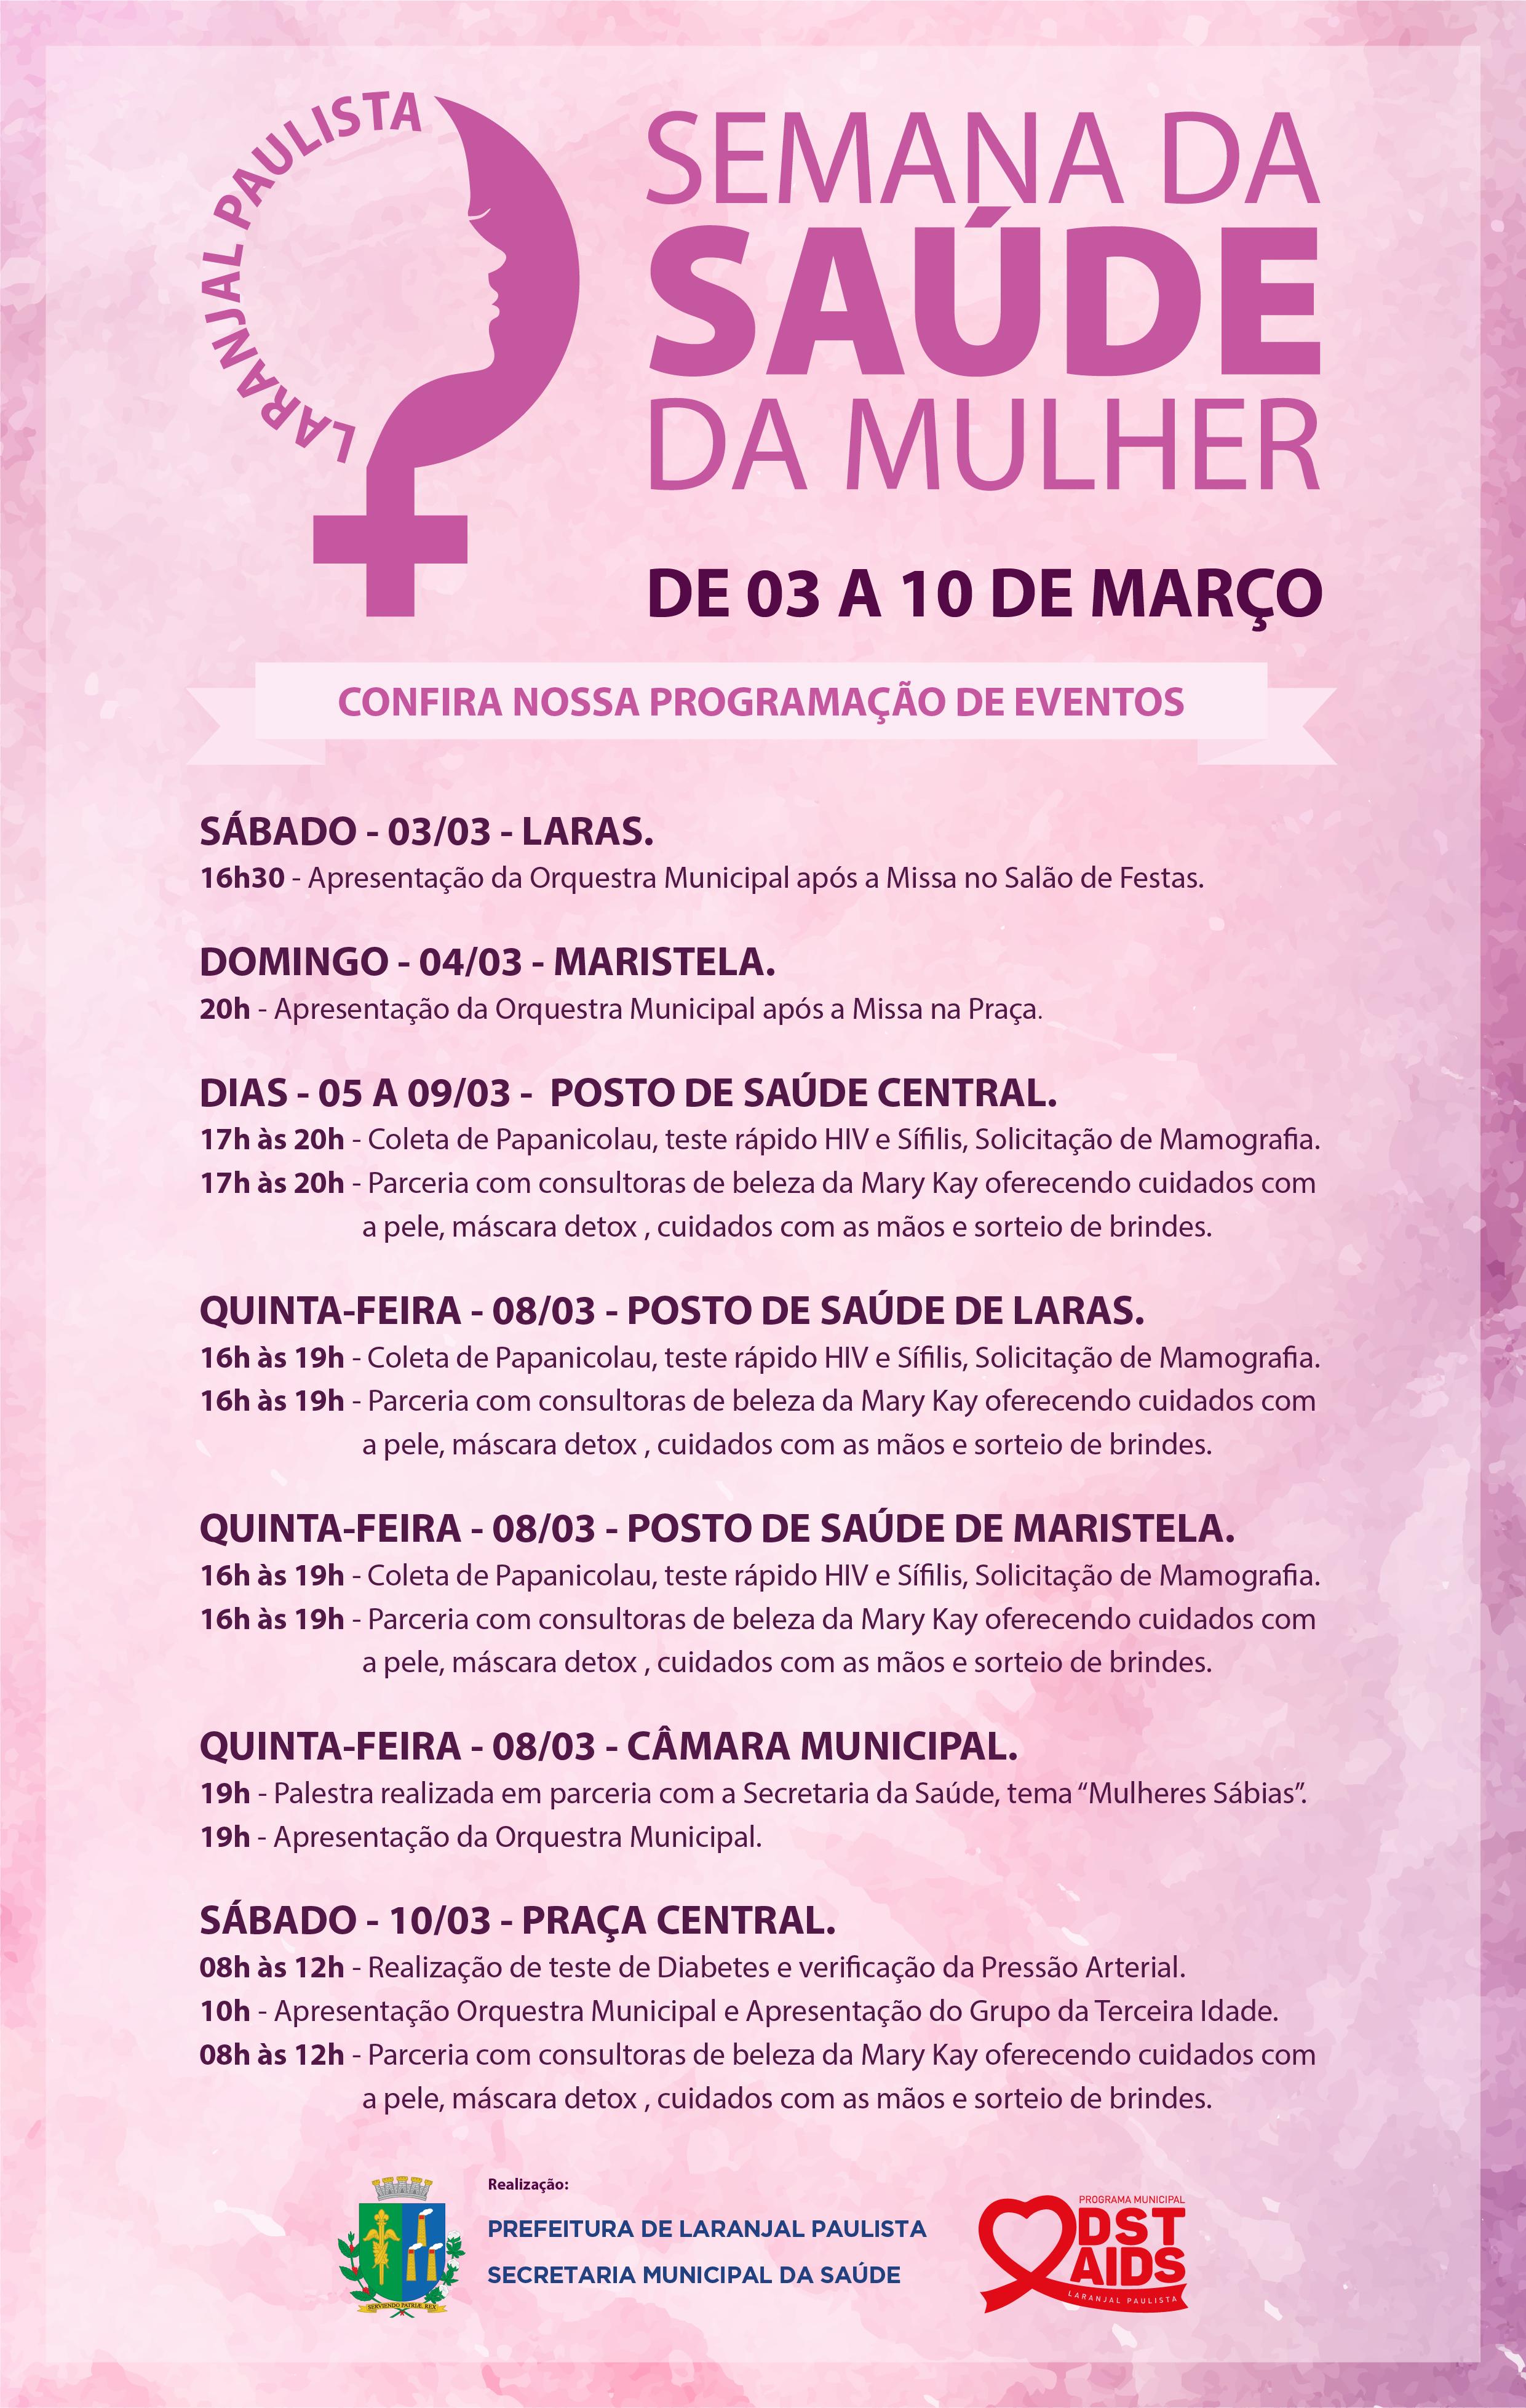 Acontece em Laranjal Paulista a Semana da Saúde da Mulher!